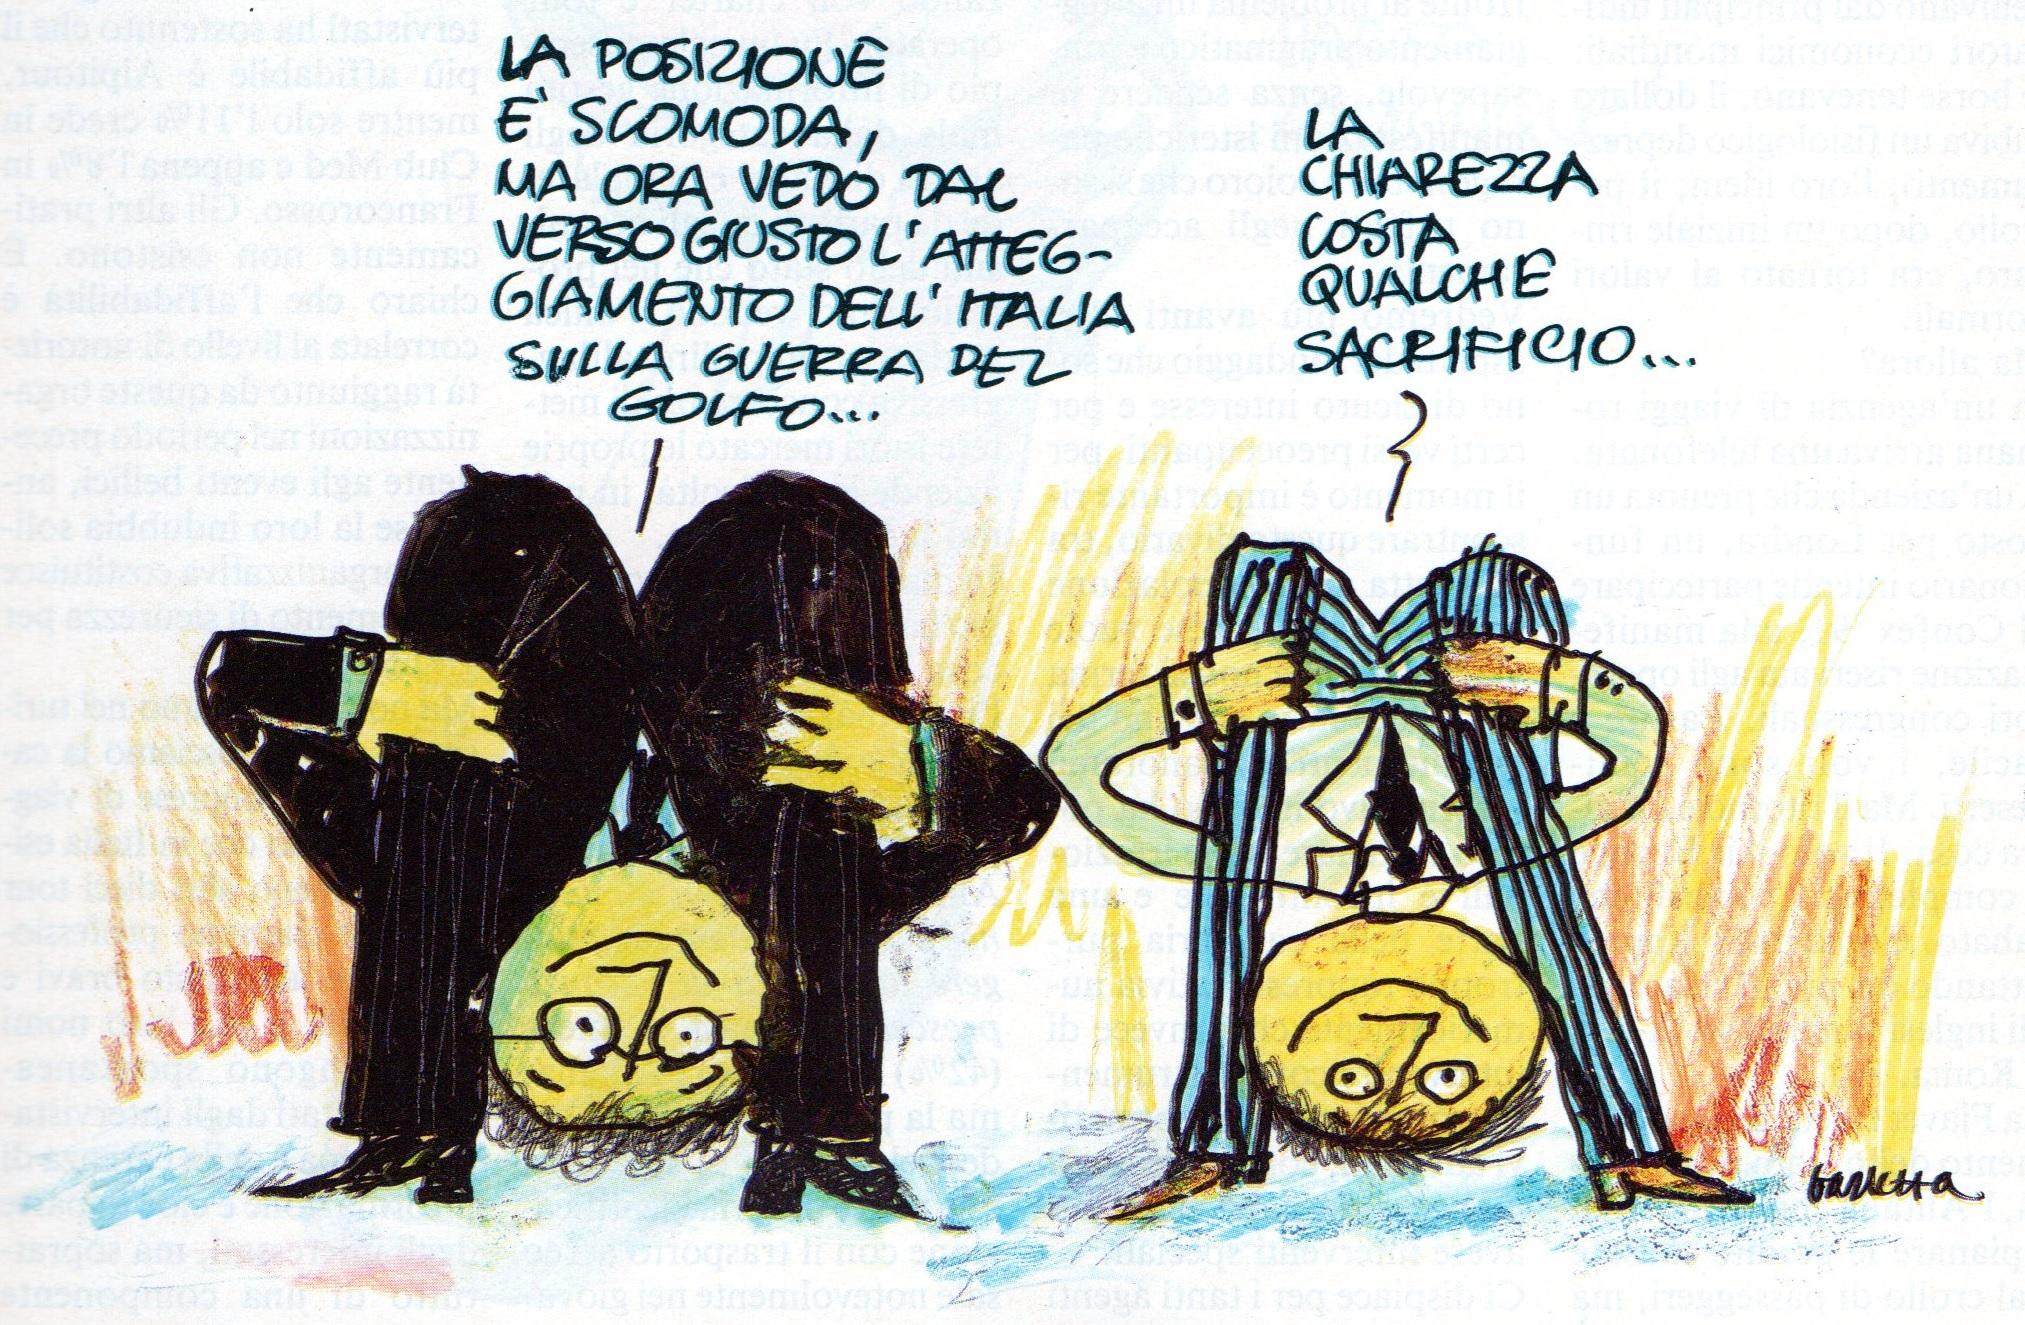 AVINEWS 345: LA GUERRA NEL GOLFO E IL SUO IMPATTO NEL TURISMO